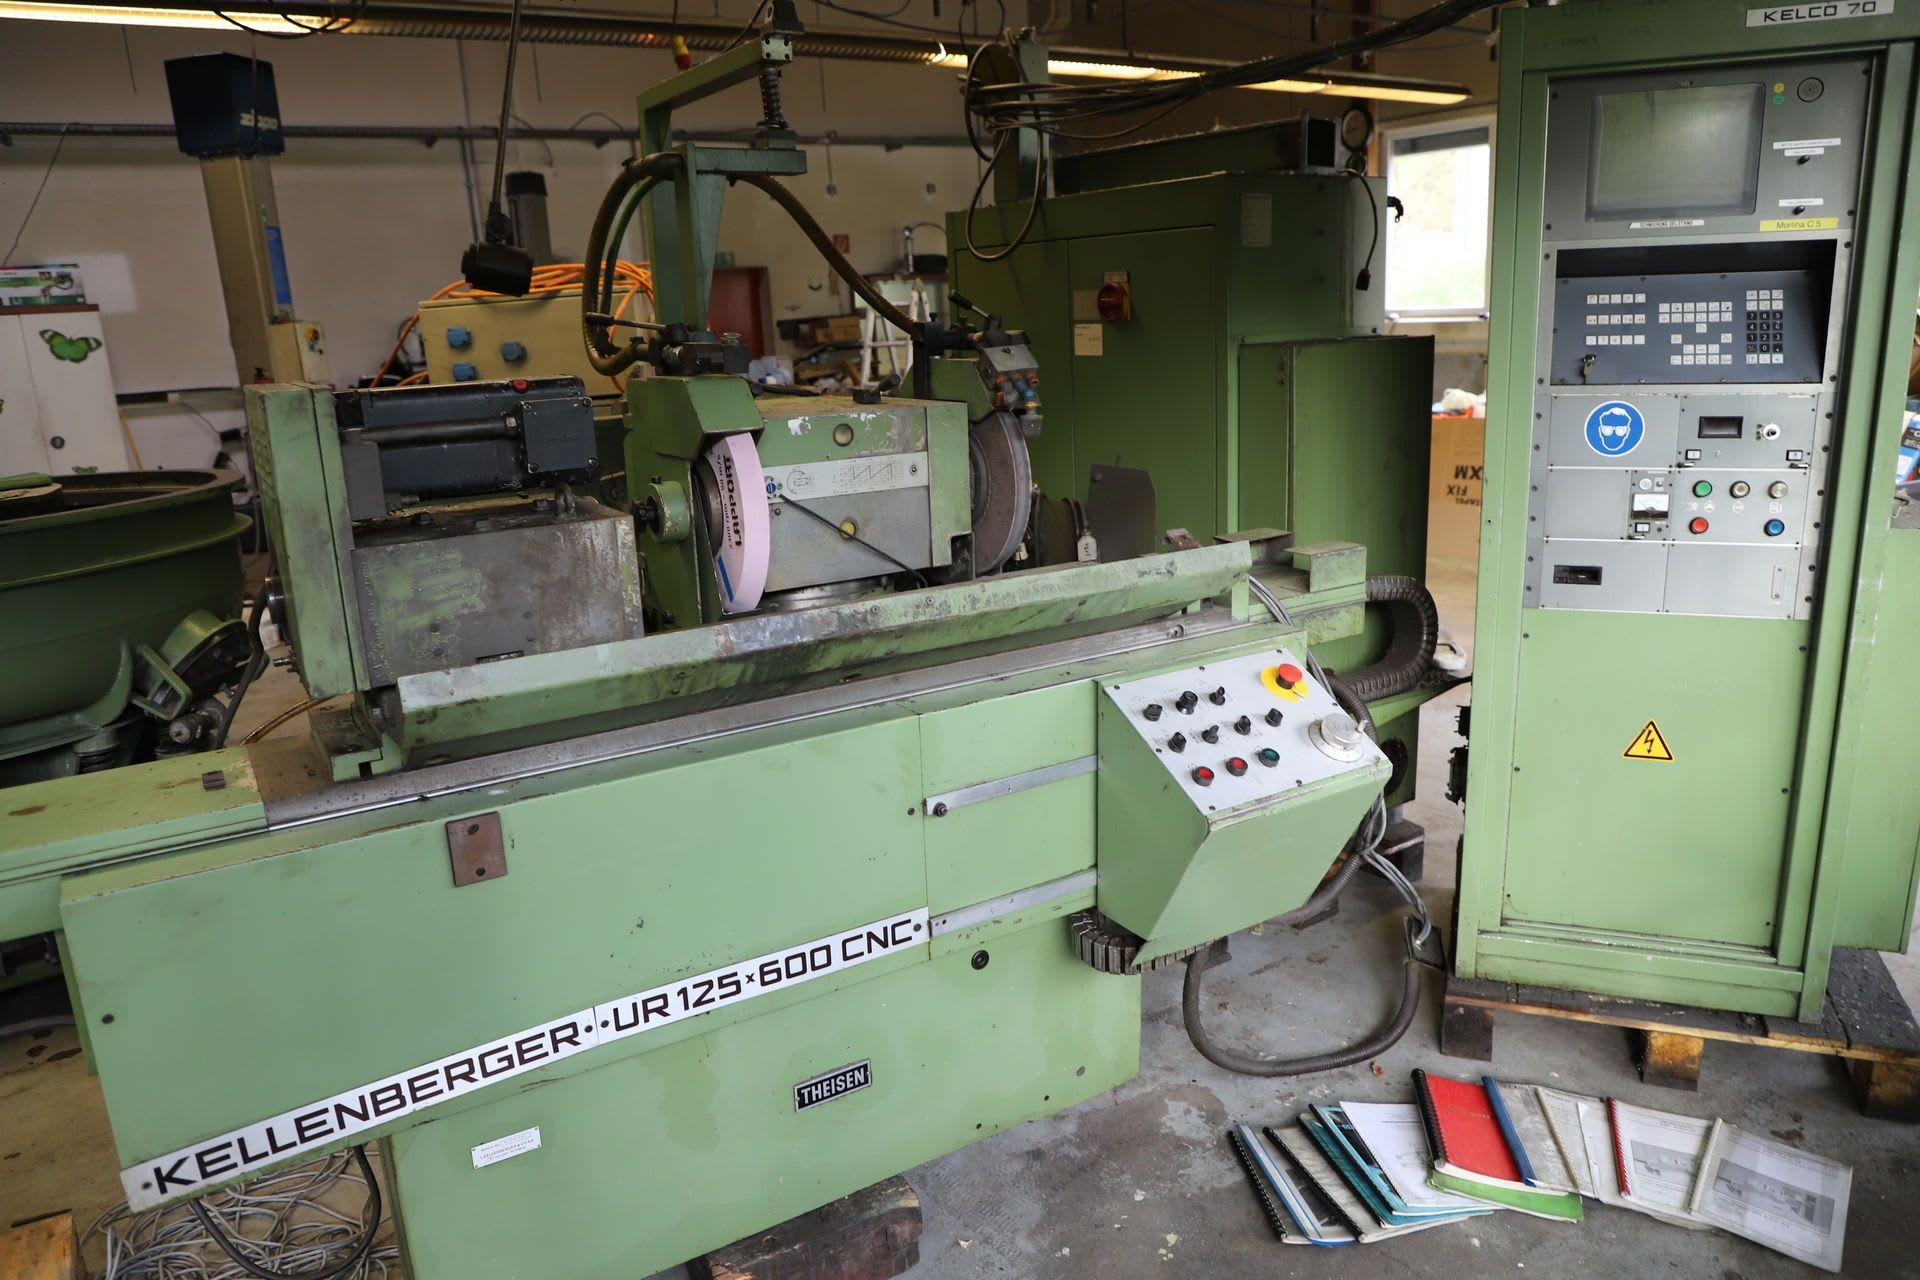 KELLENBERGER UR 125 x 600 CNC Rundschleifmaschine